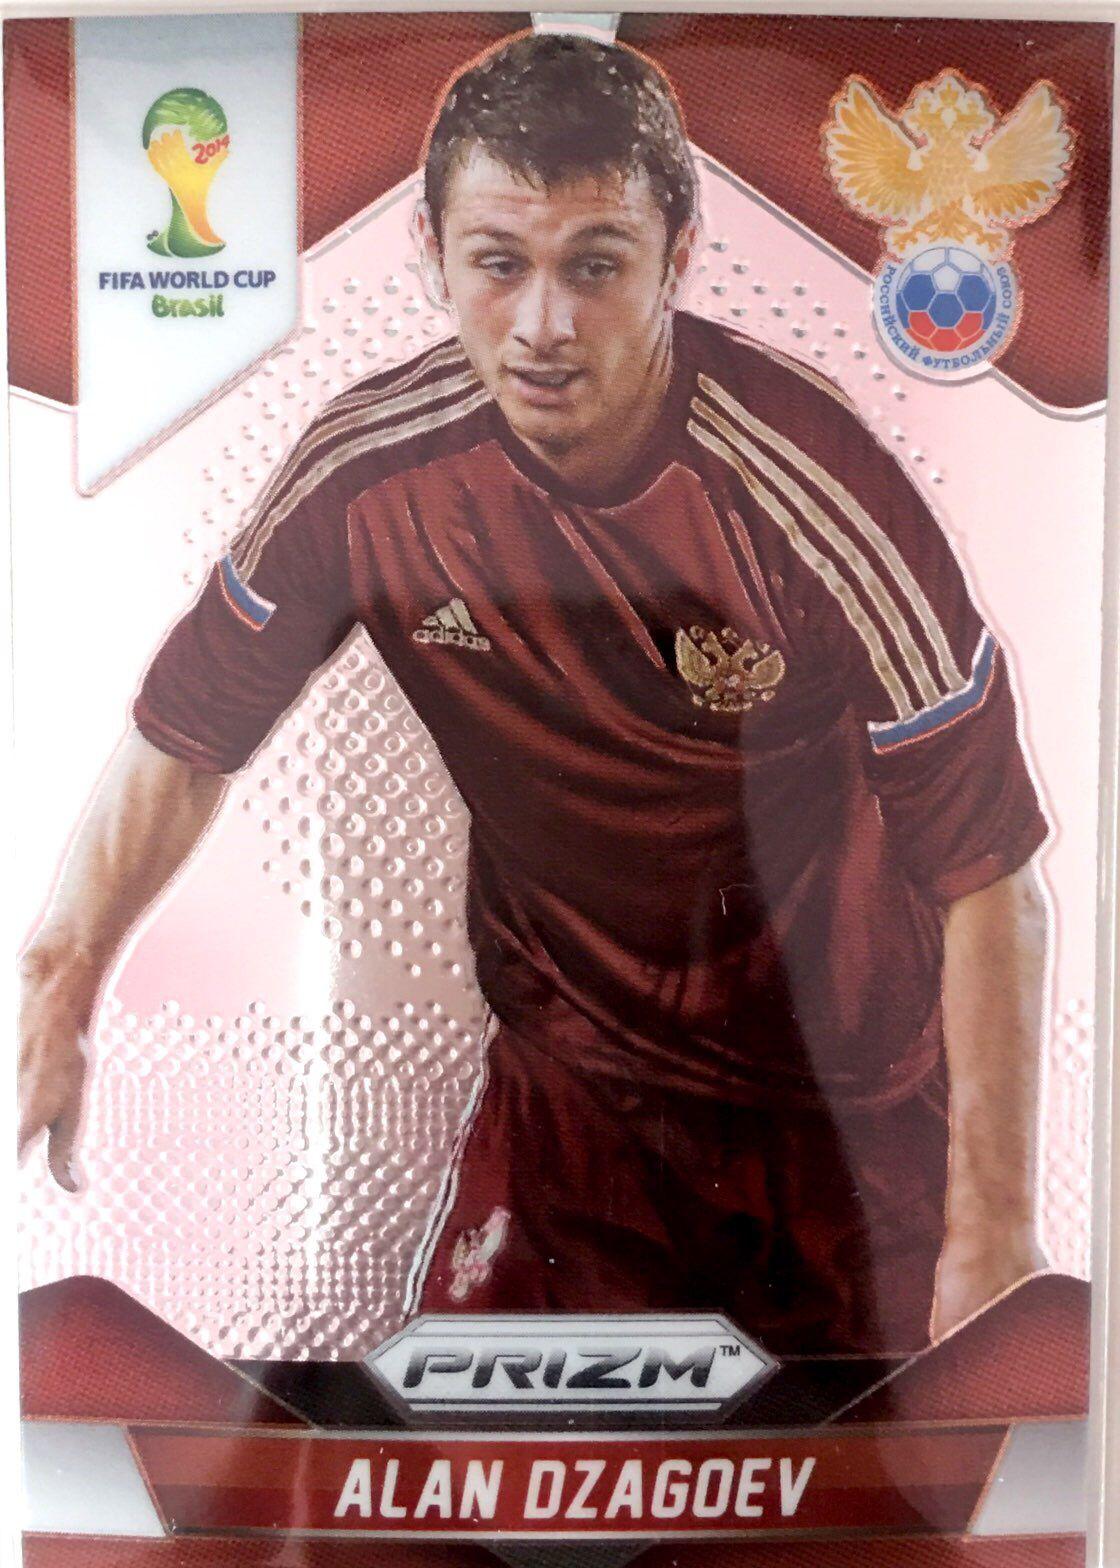 【普拉蒂尼】2014Panini帕尼尼巴西世界杯足球球星卡Alan Dzagoev德萨戈耶夫俄罗斯NO.167普卡